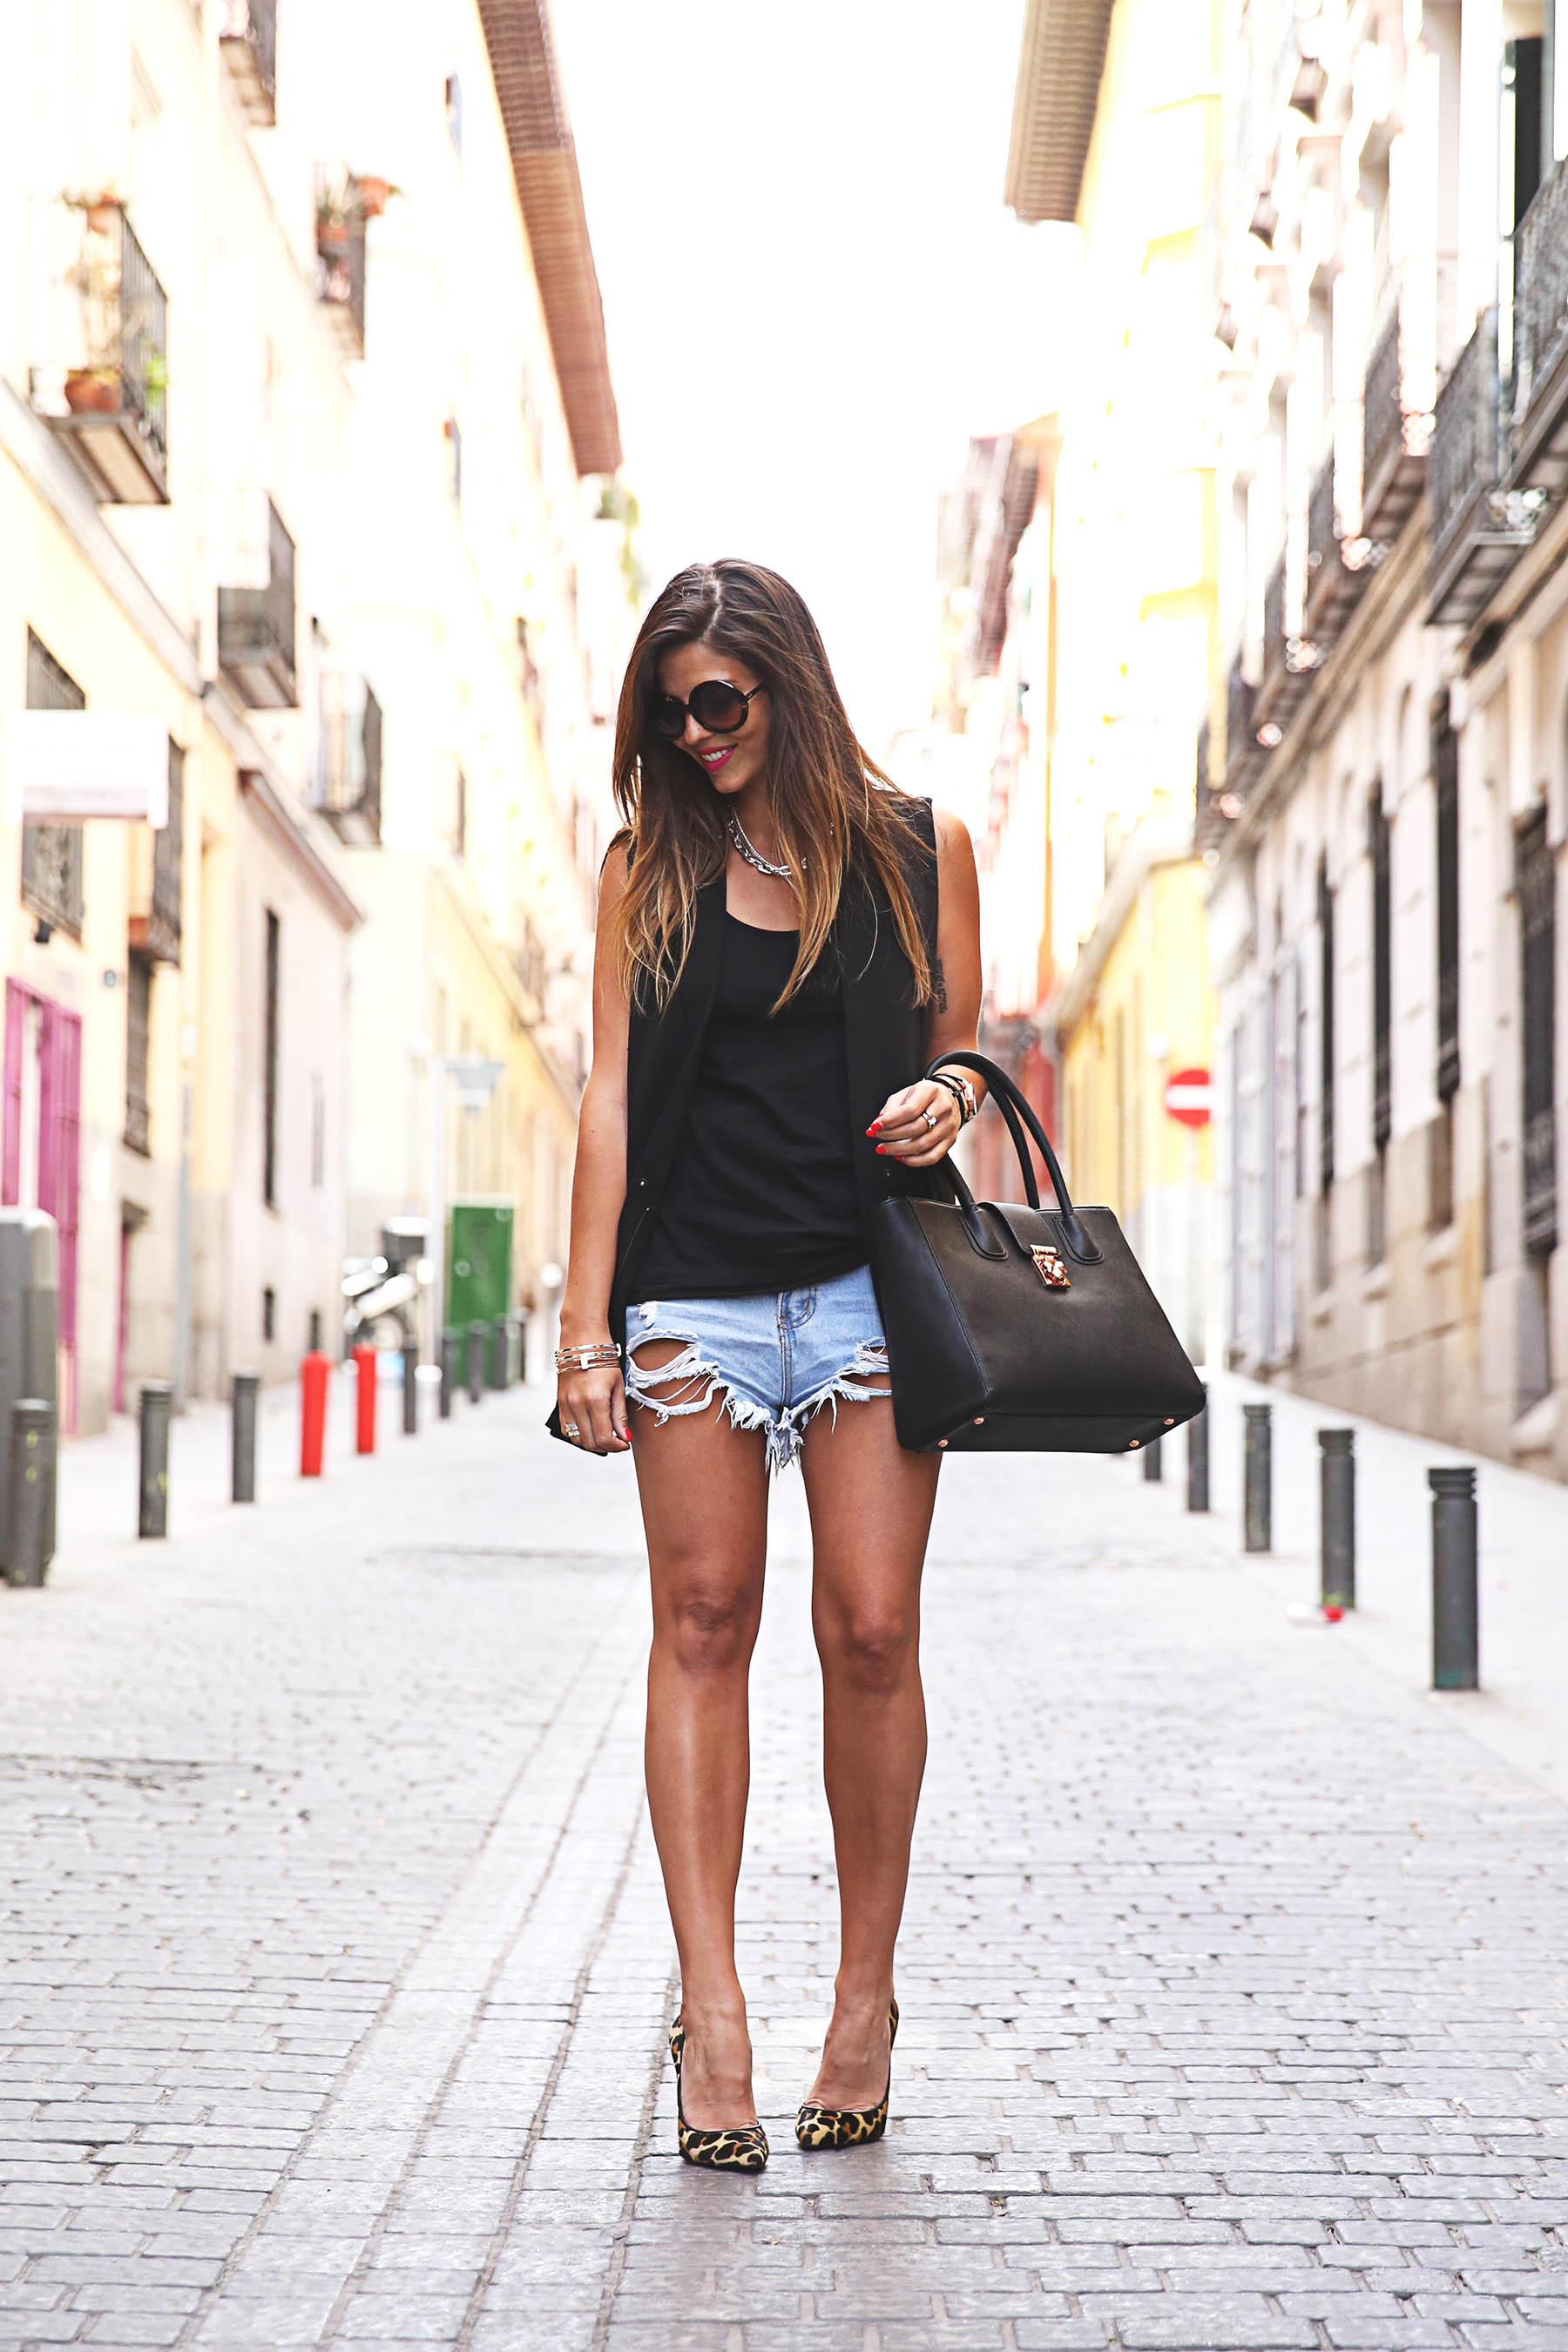 trendy-taste-look-outfit-street-style-ootd-blog-blogger-fashion-spain-moda-españa-leo-print-estiletos-mas34-leather-bag-denim-shorts-vaqueros-rotos-1